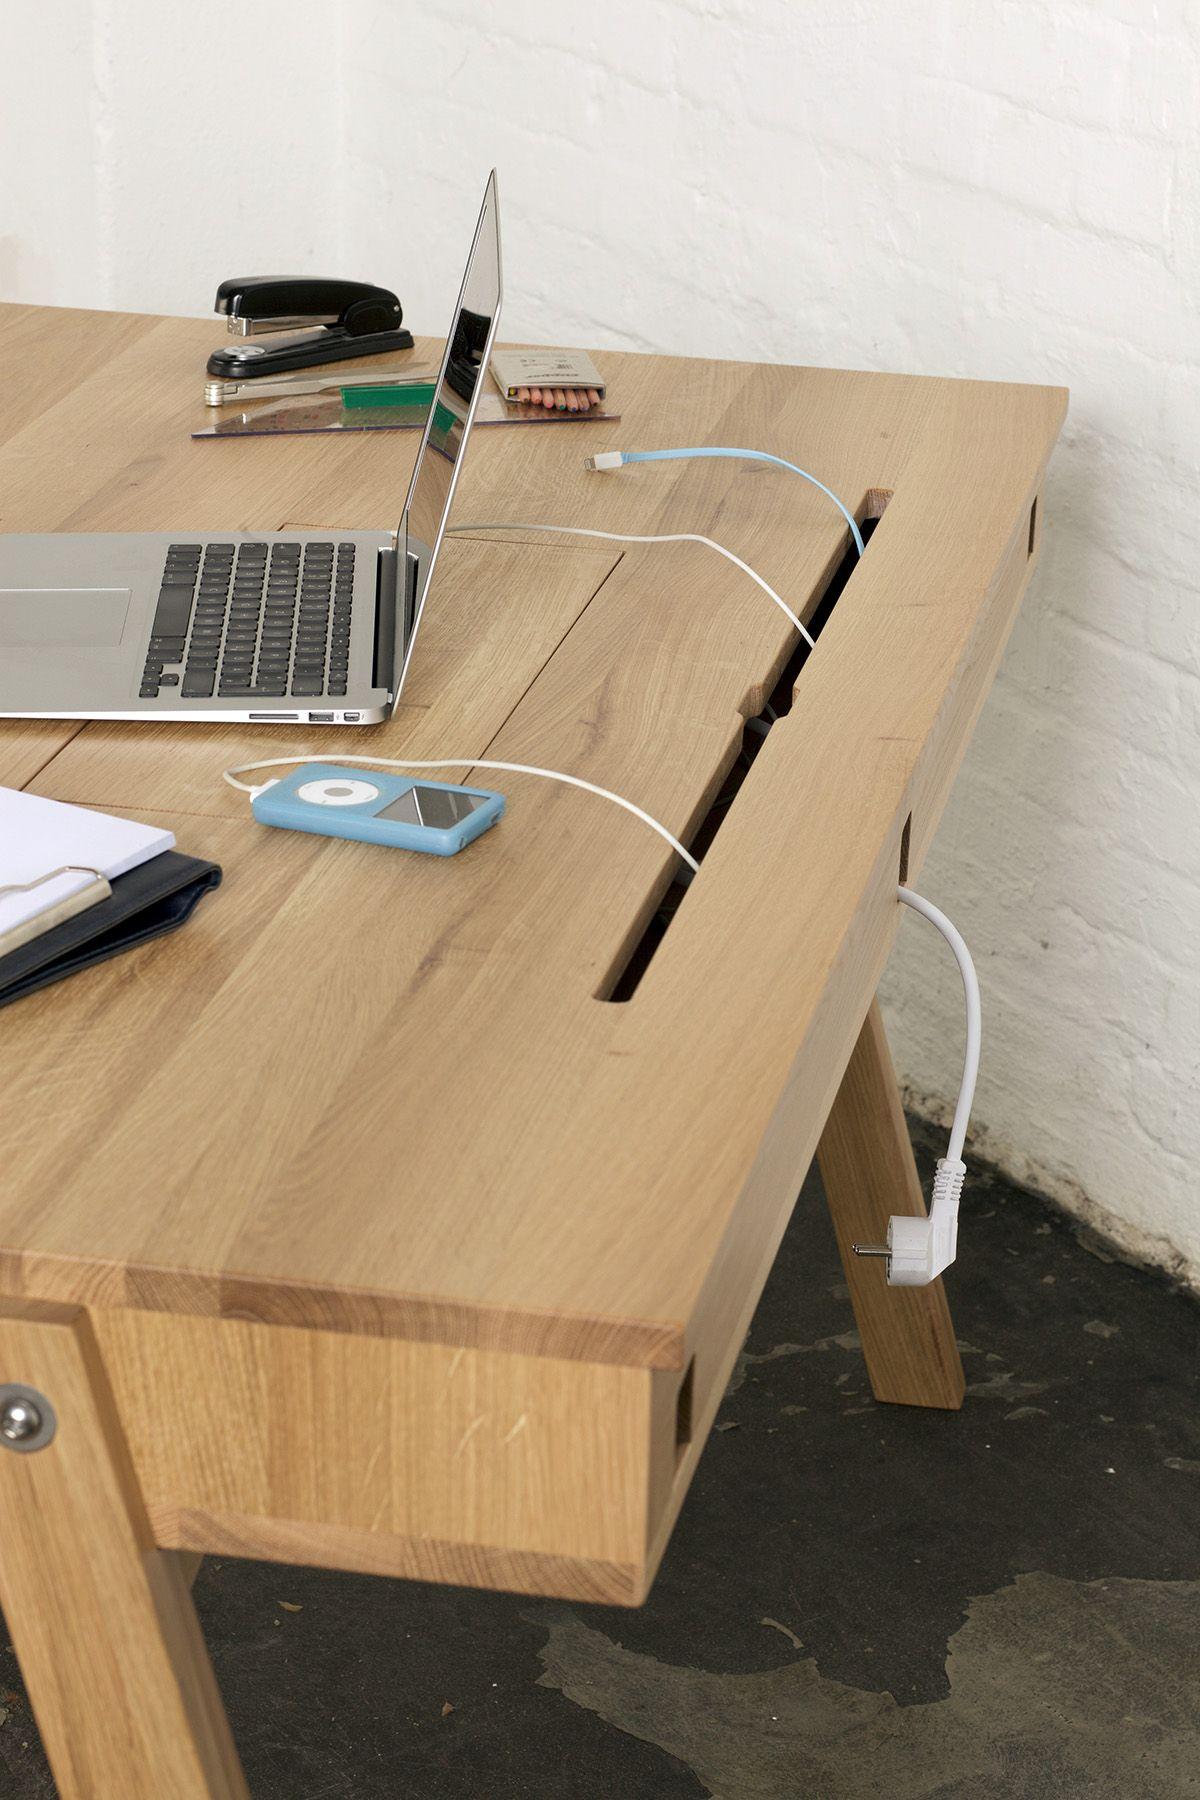 Schreibtisch; Massiv; Eiche; Nussbaum; Handgearbeitet; Design; Klappe;  Hamburg;